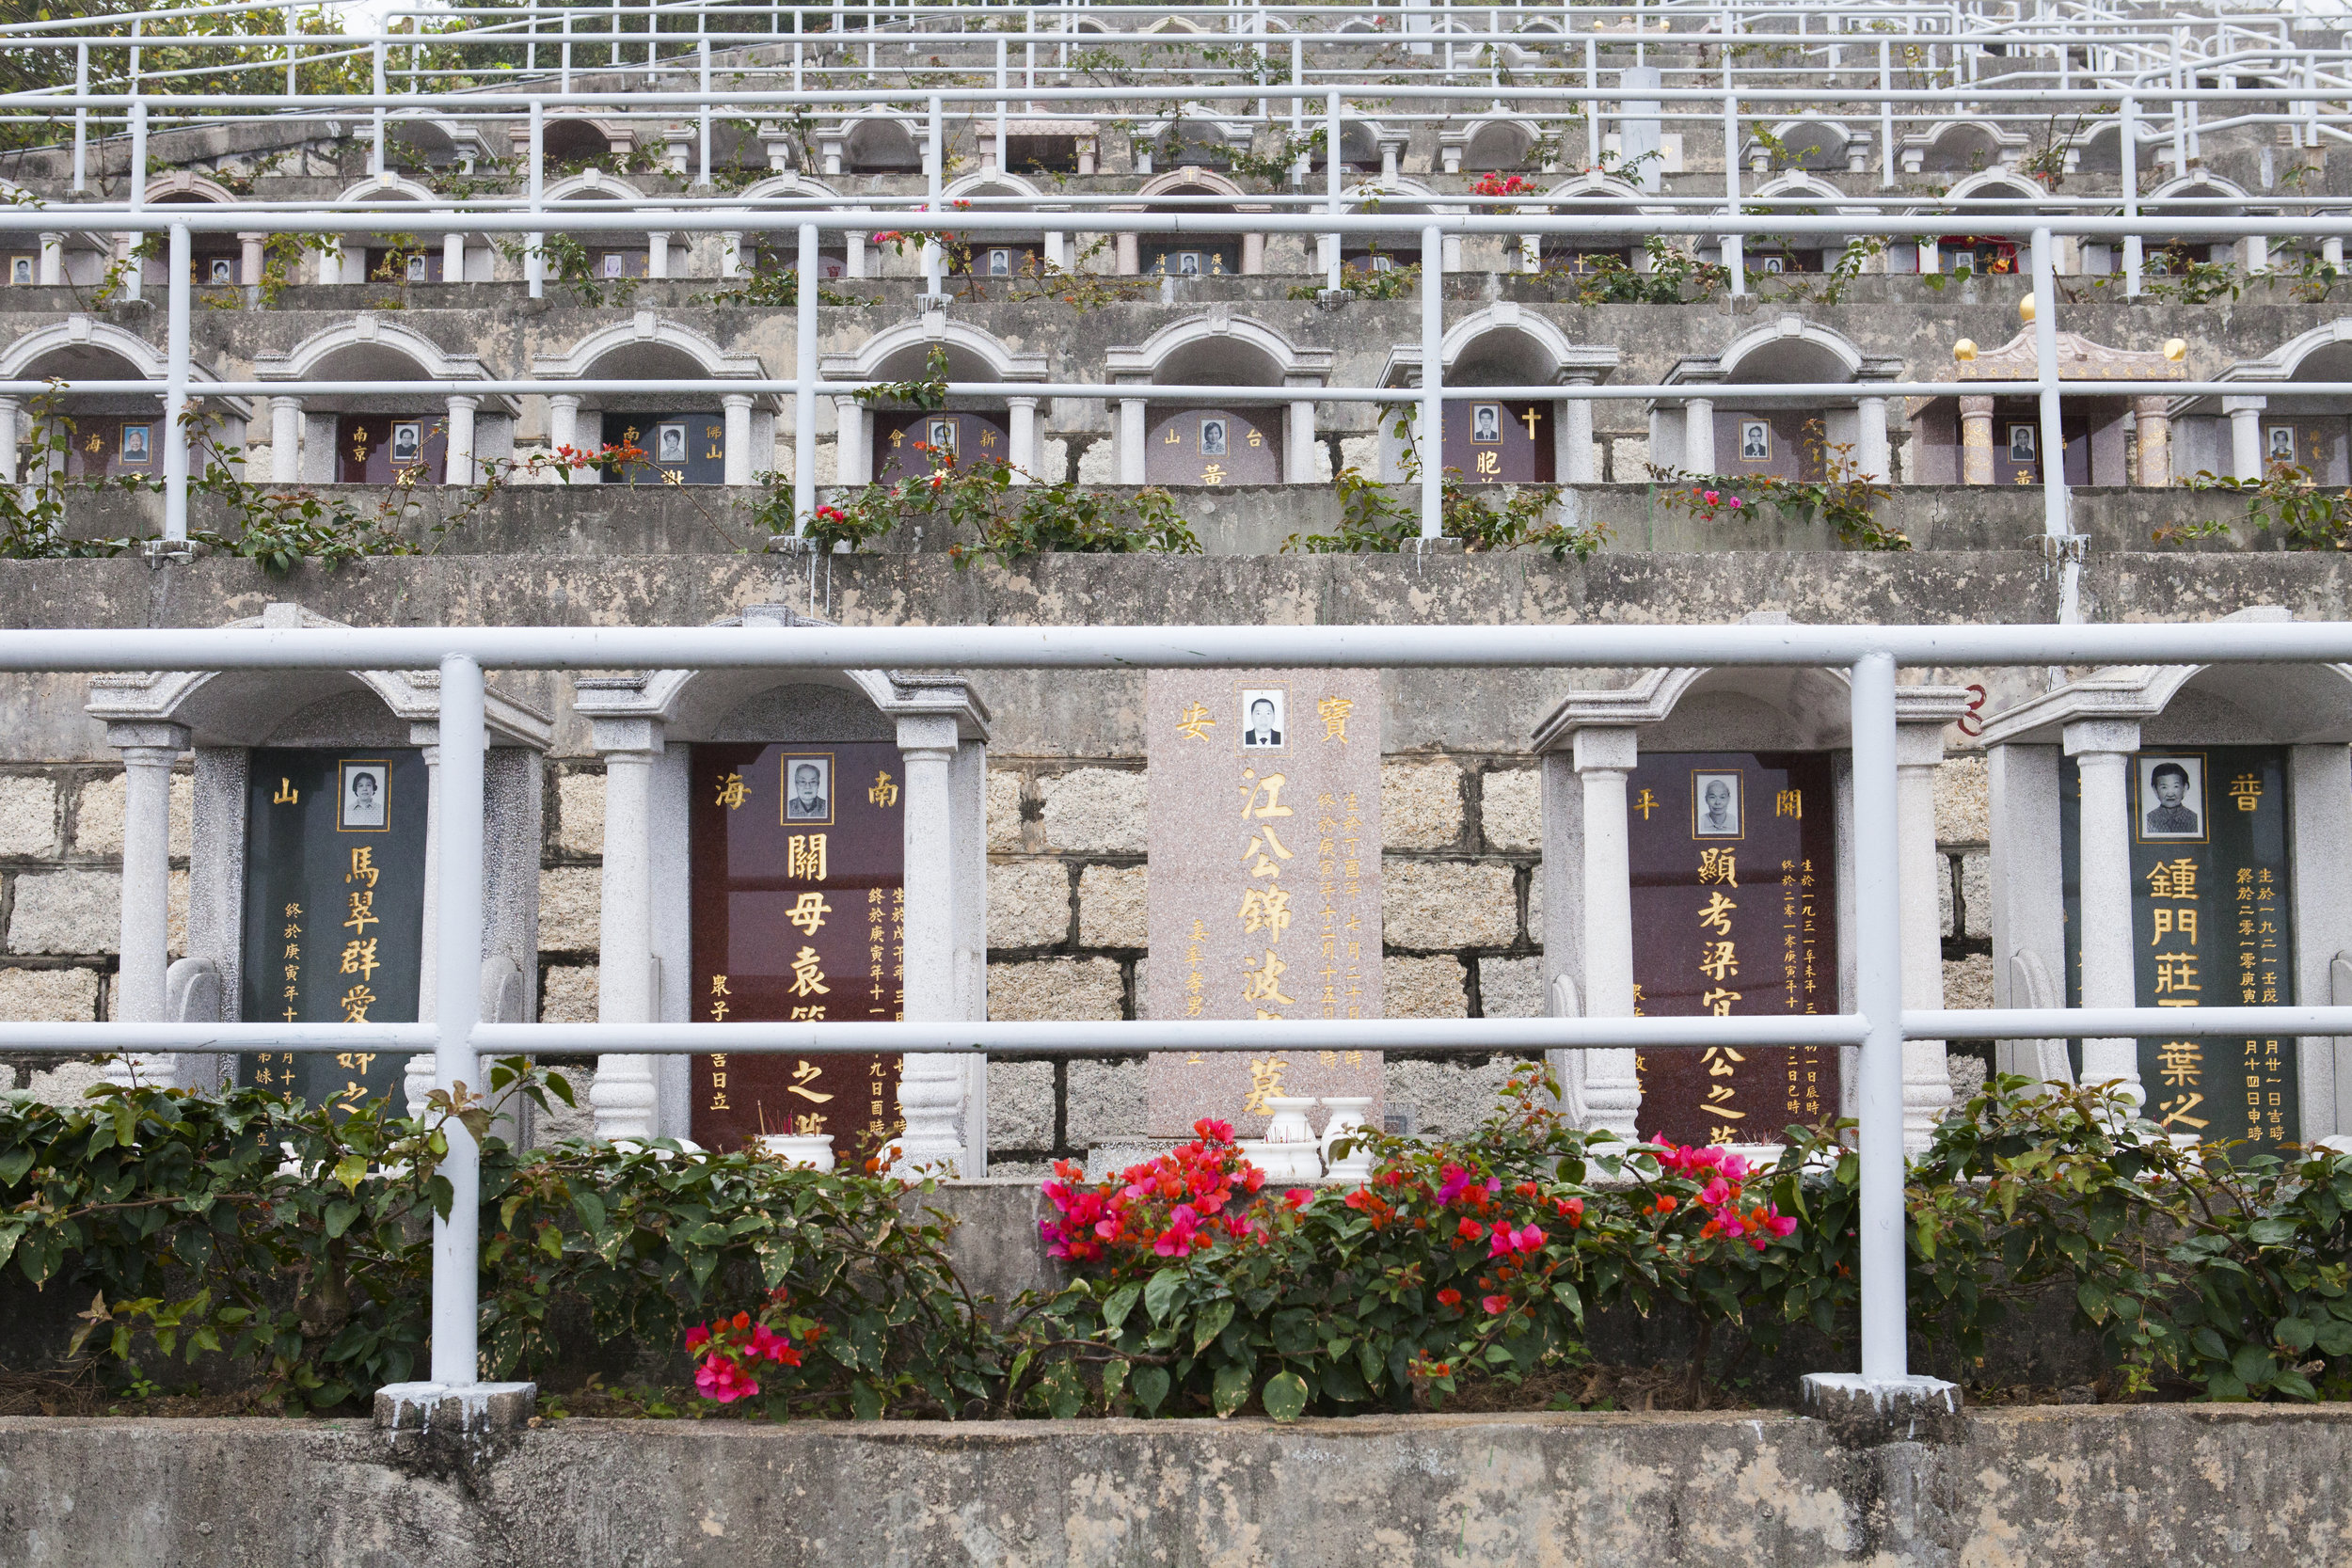 Tseung Kwan O Cemetery